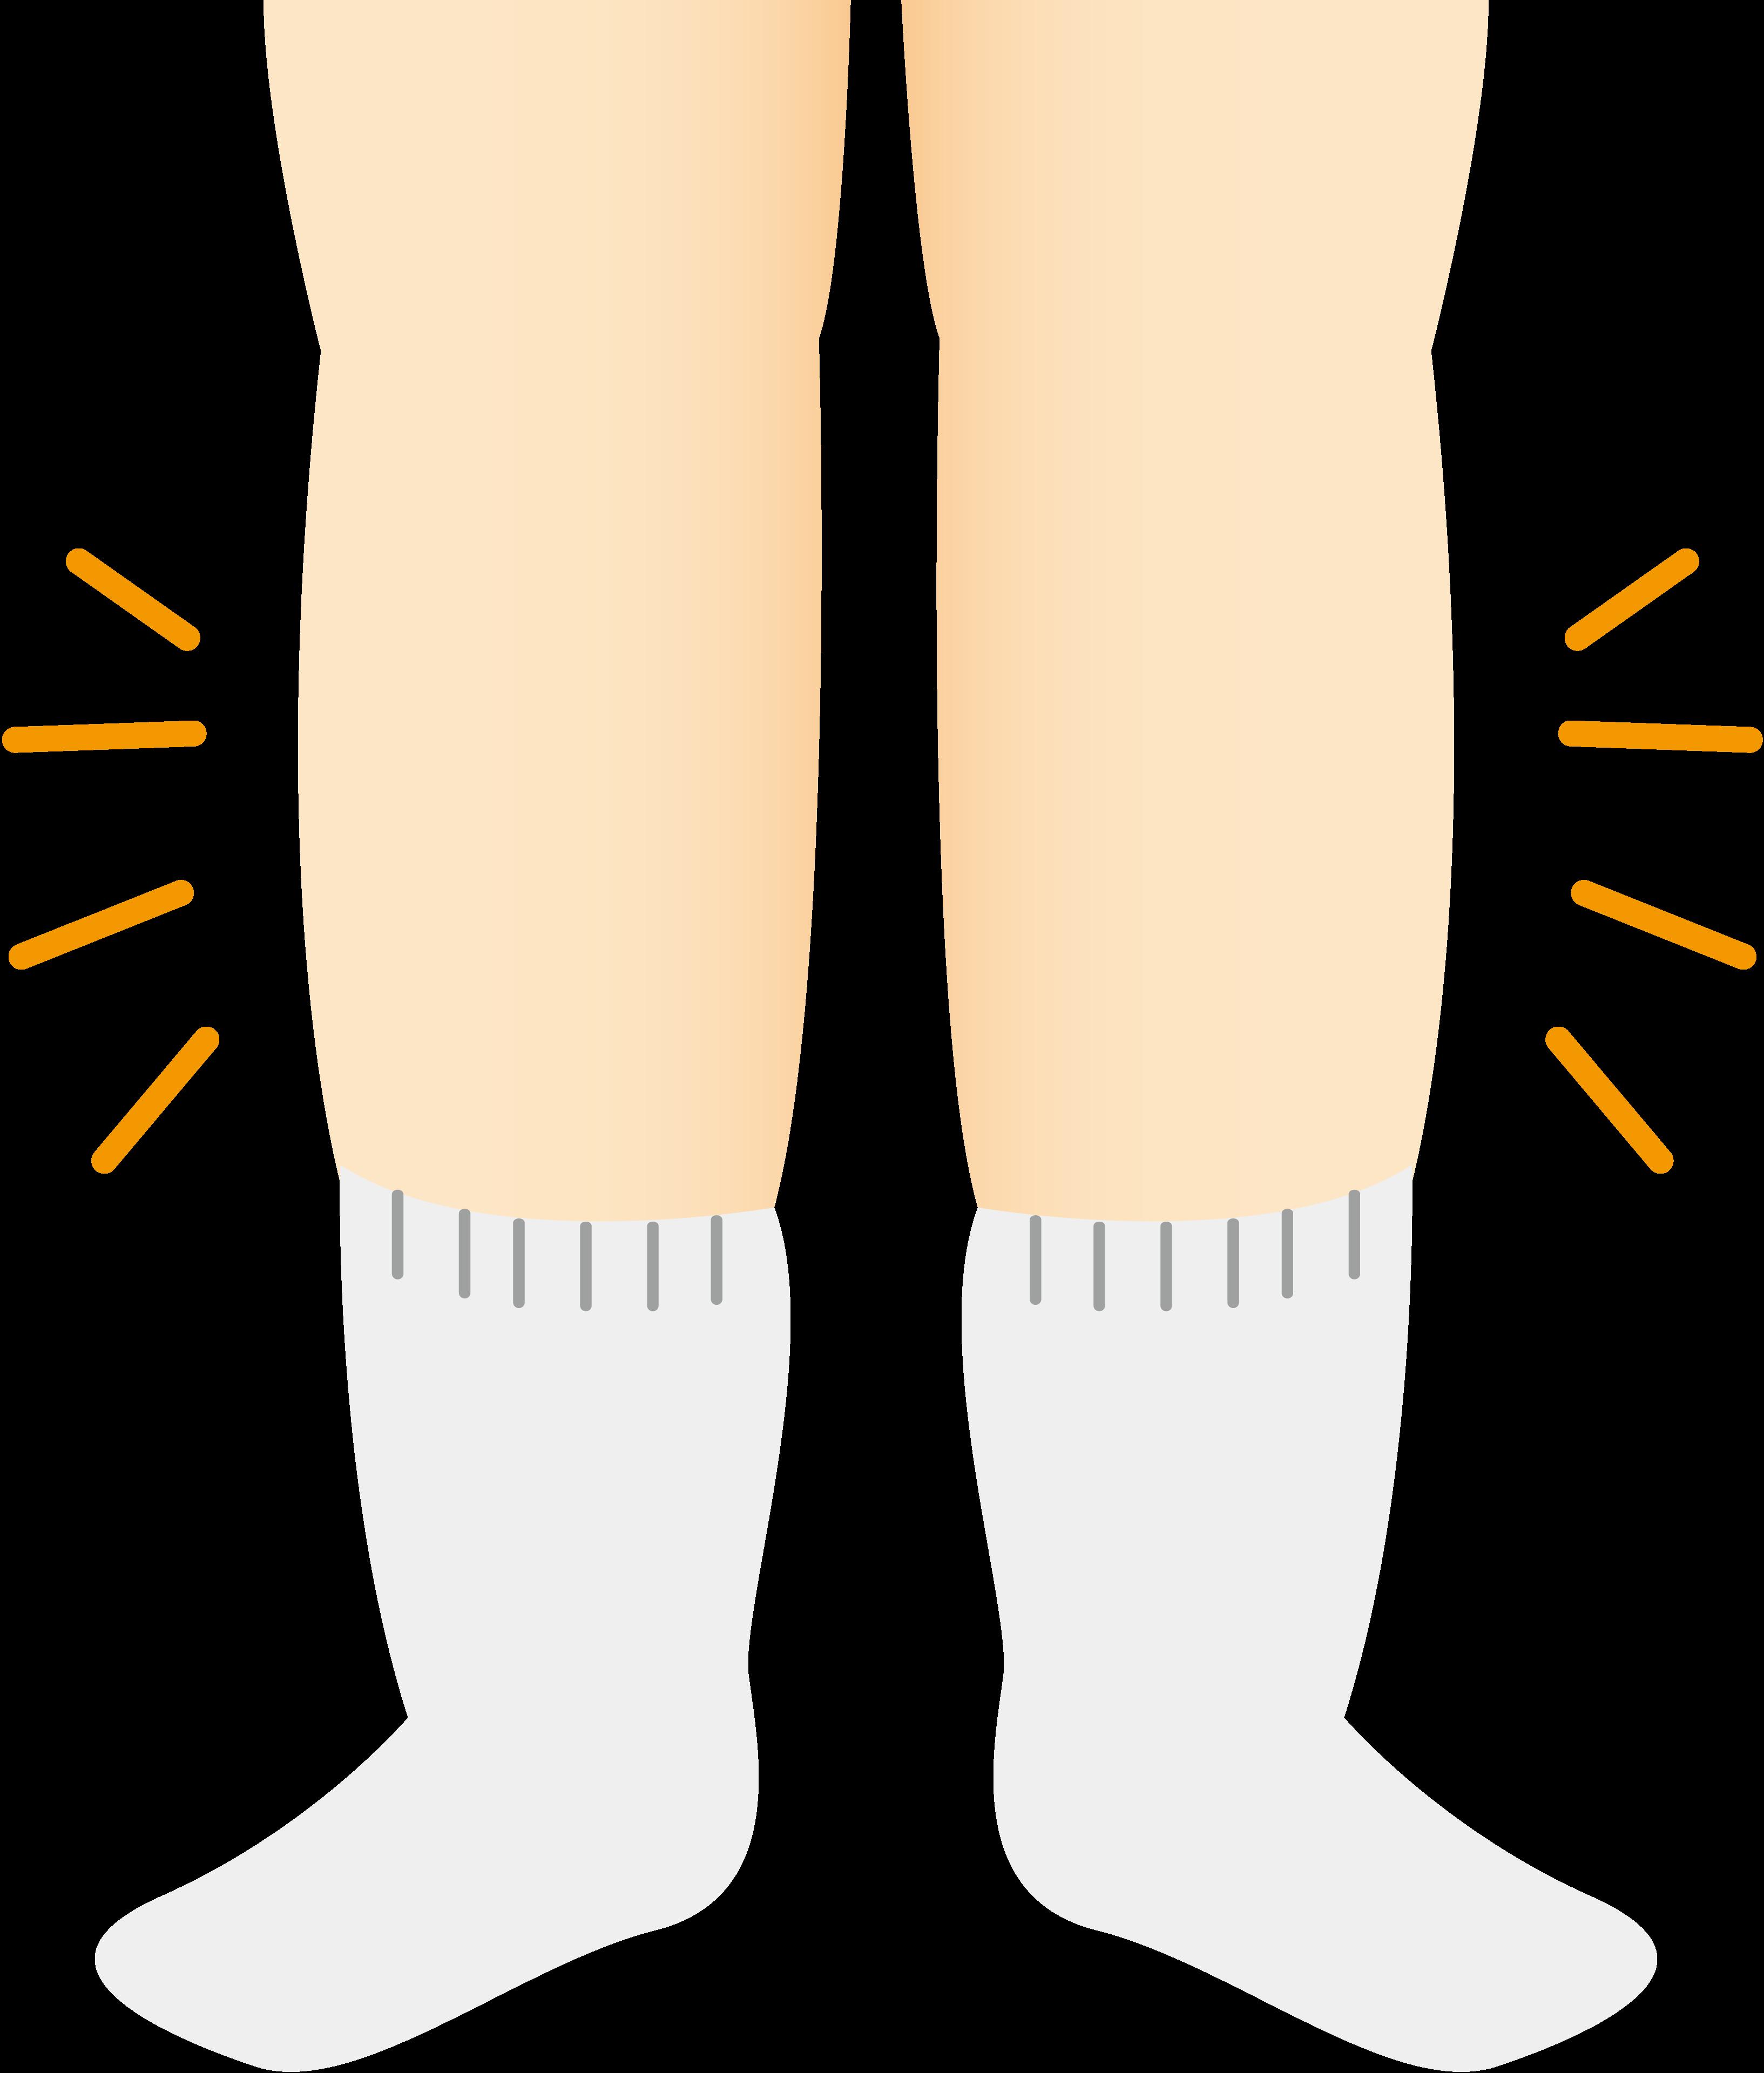 膝のうらが影響する足のむくみ~血流が滞りやすい膝うらの特徴とは!?~